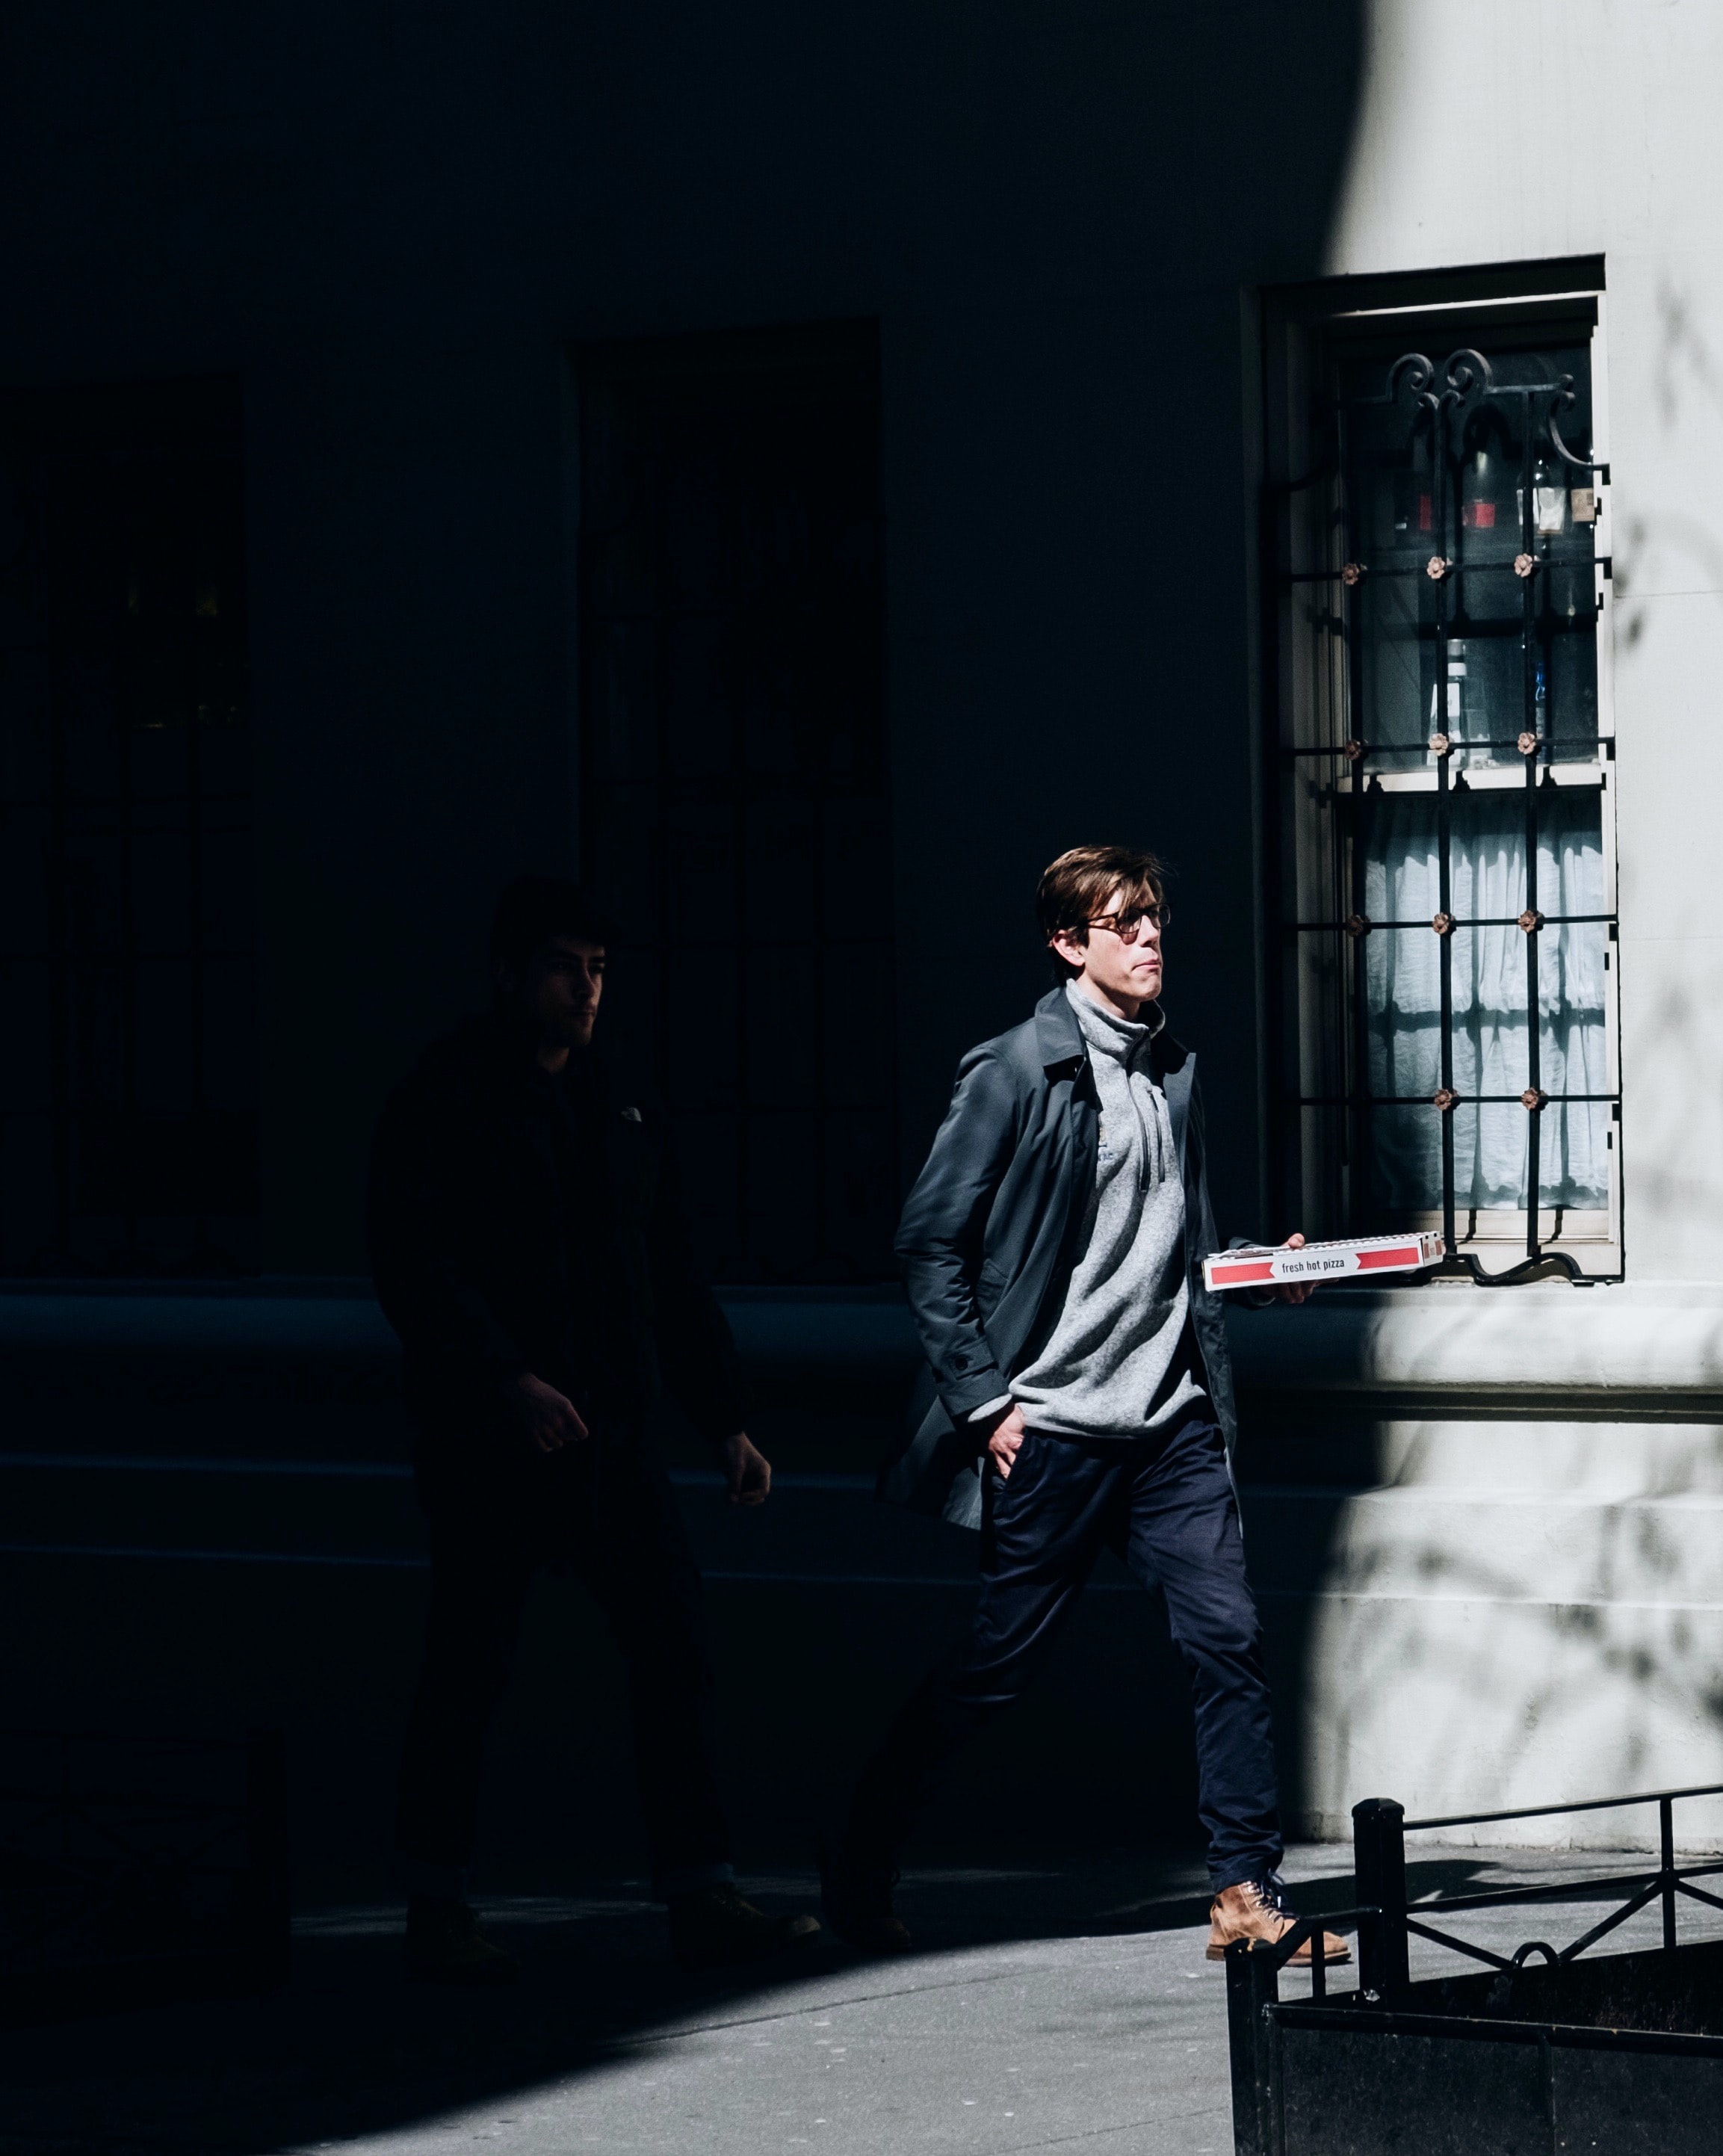 man walking while holding box during daytime